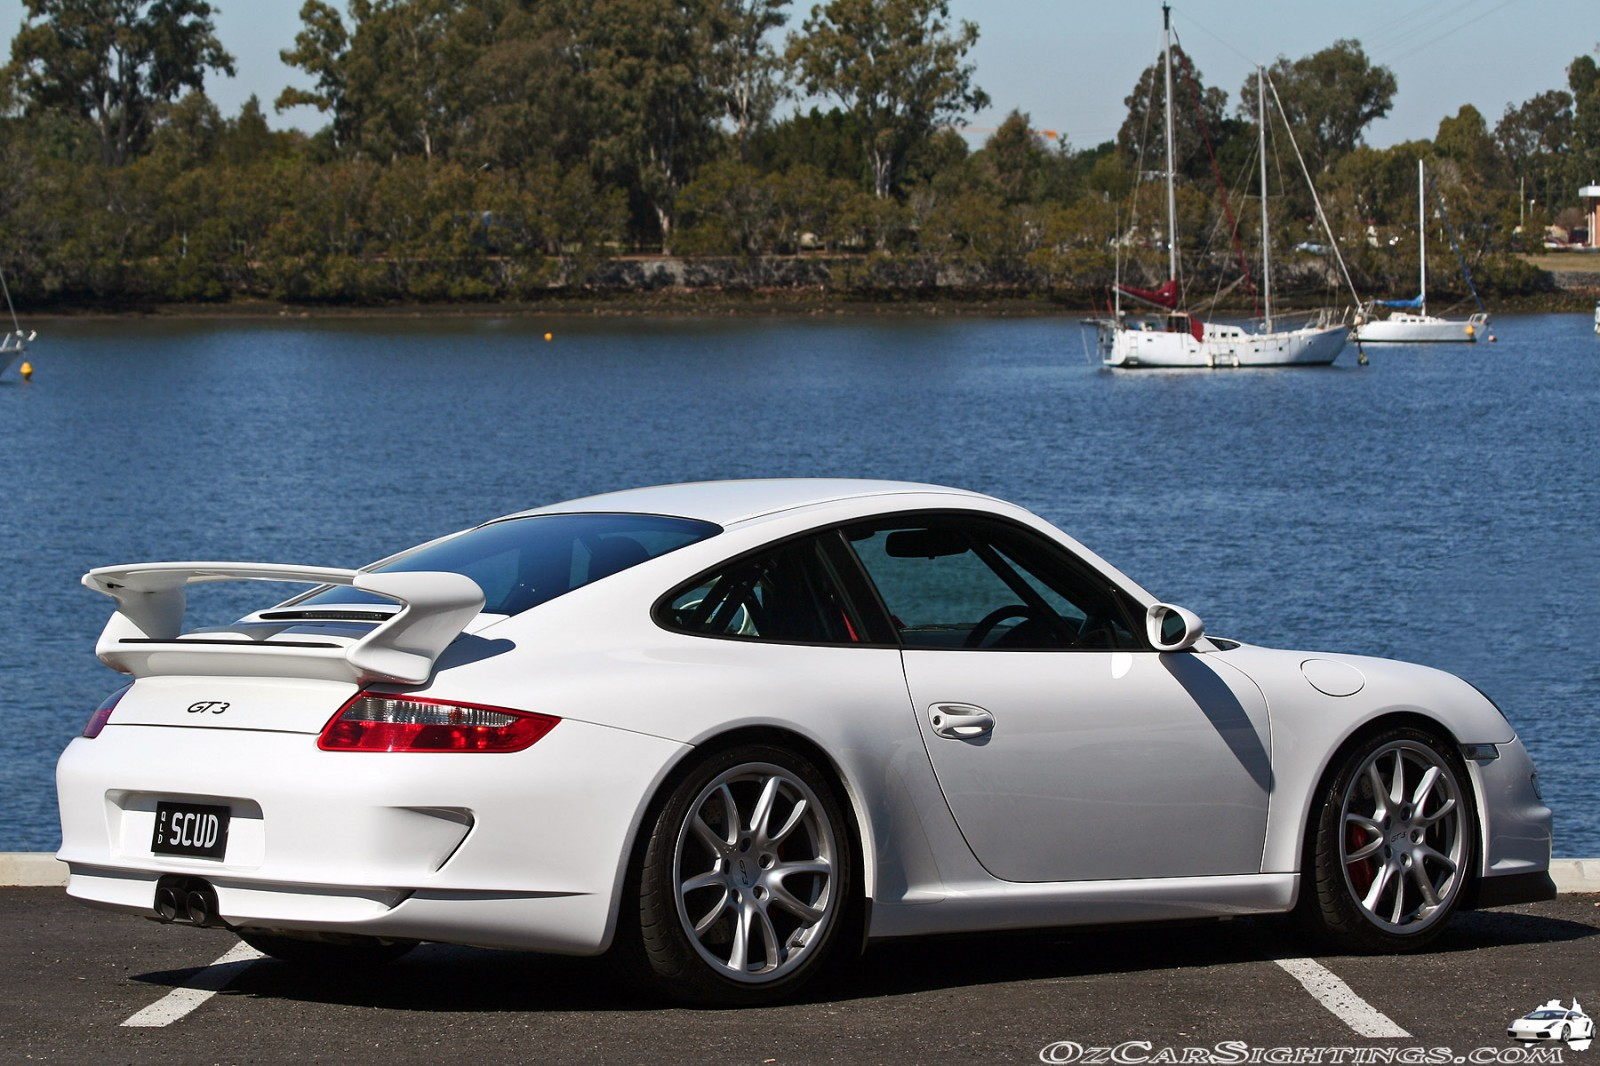 Gt3 Scuds Porsche 997 GT3: